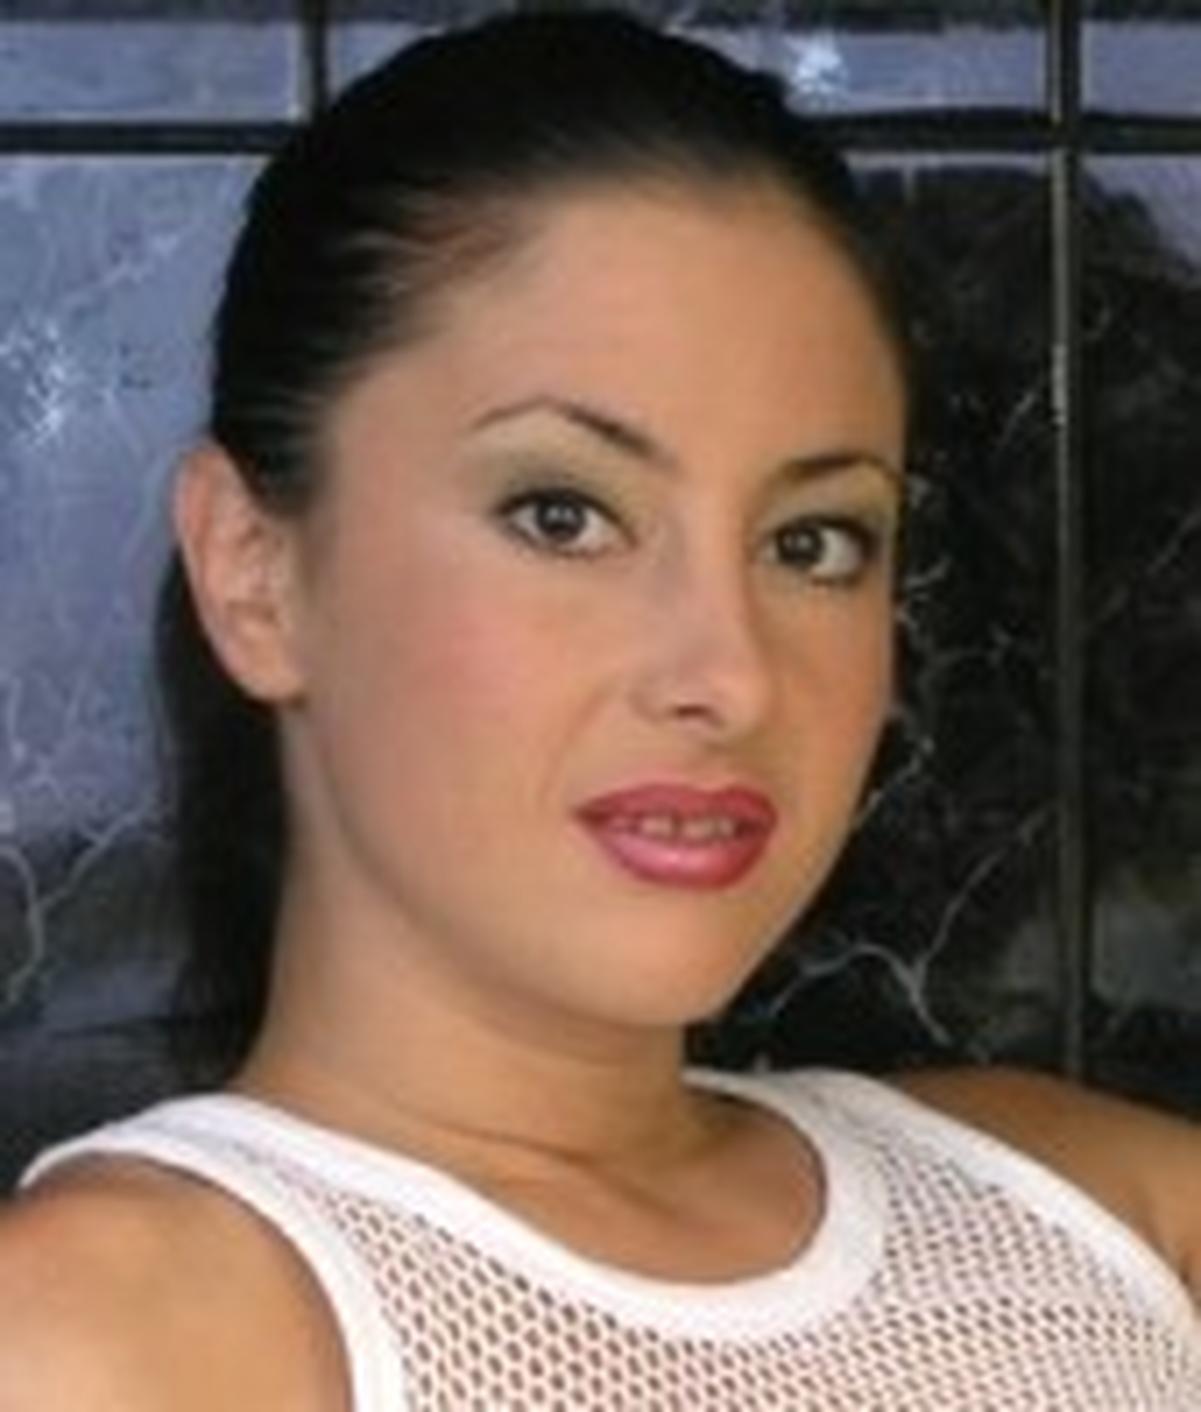 Elly Jaine